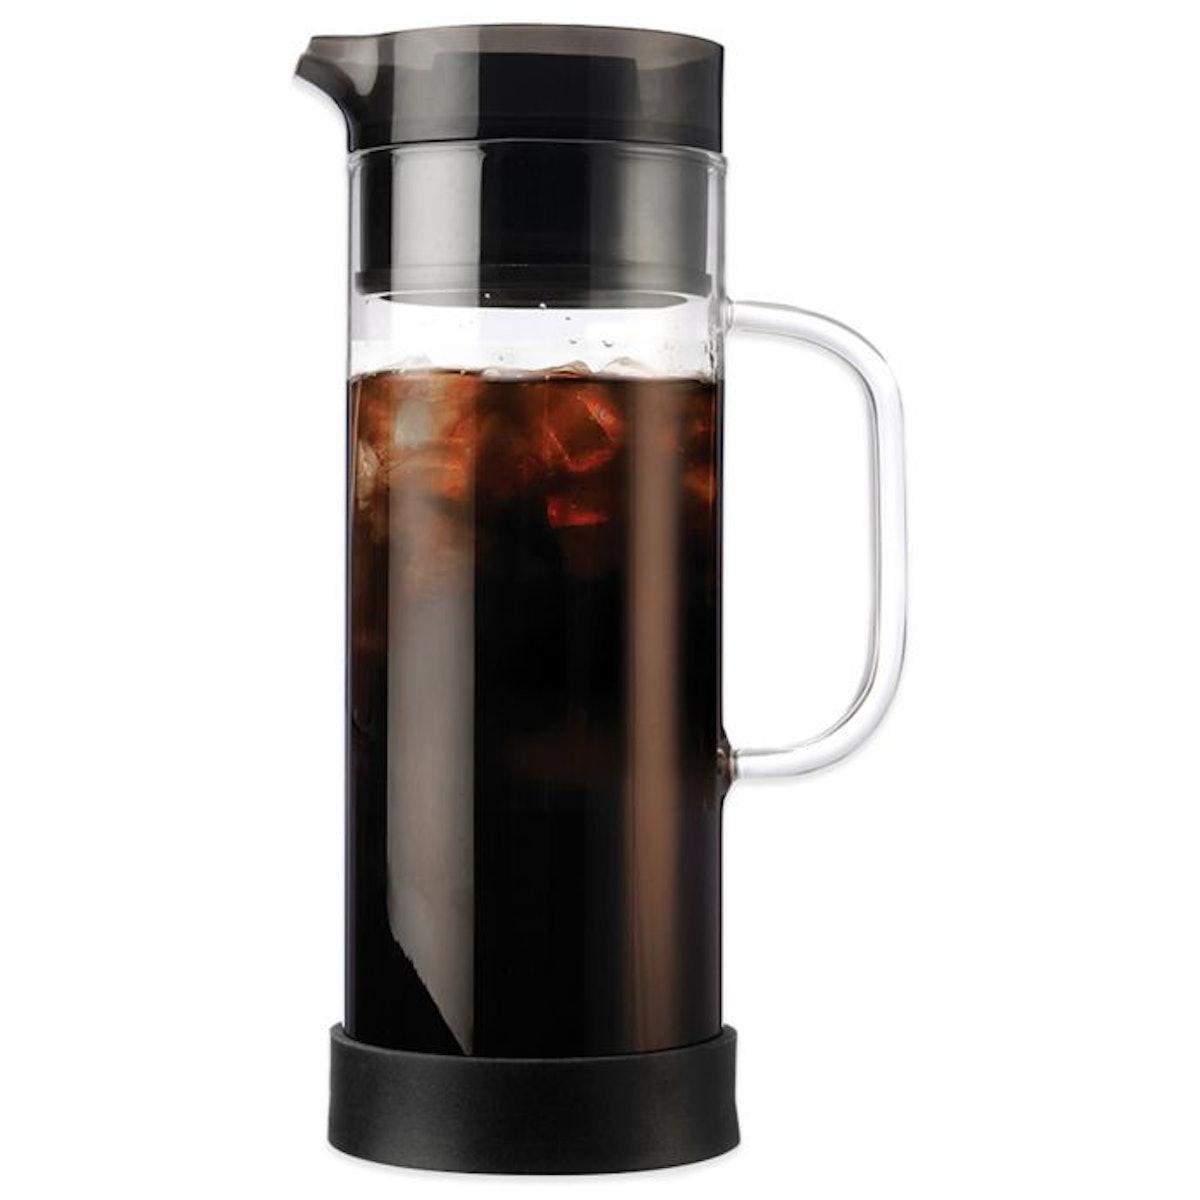 Primula 50 oz. Cold Brew Coffee Maker